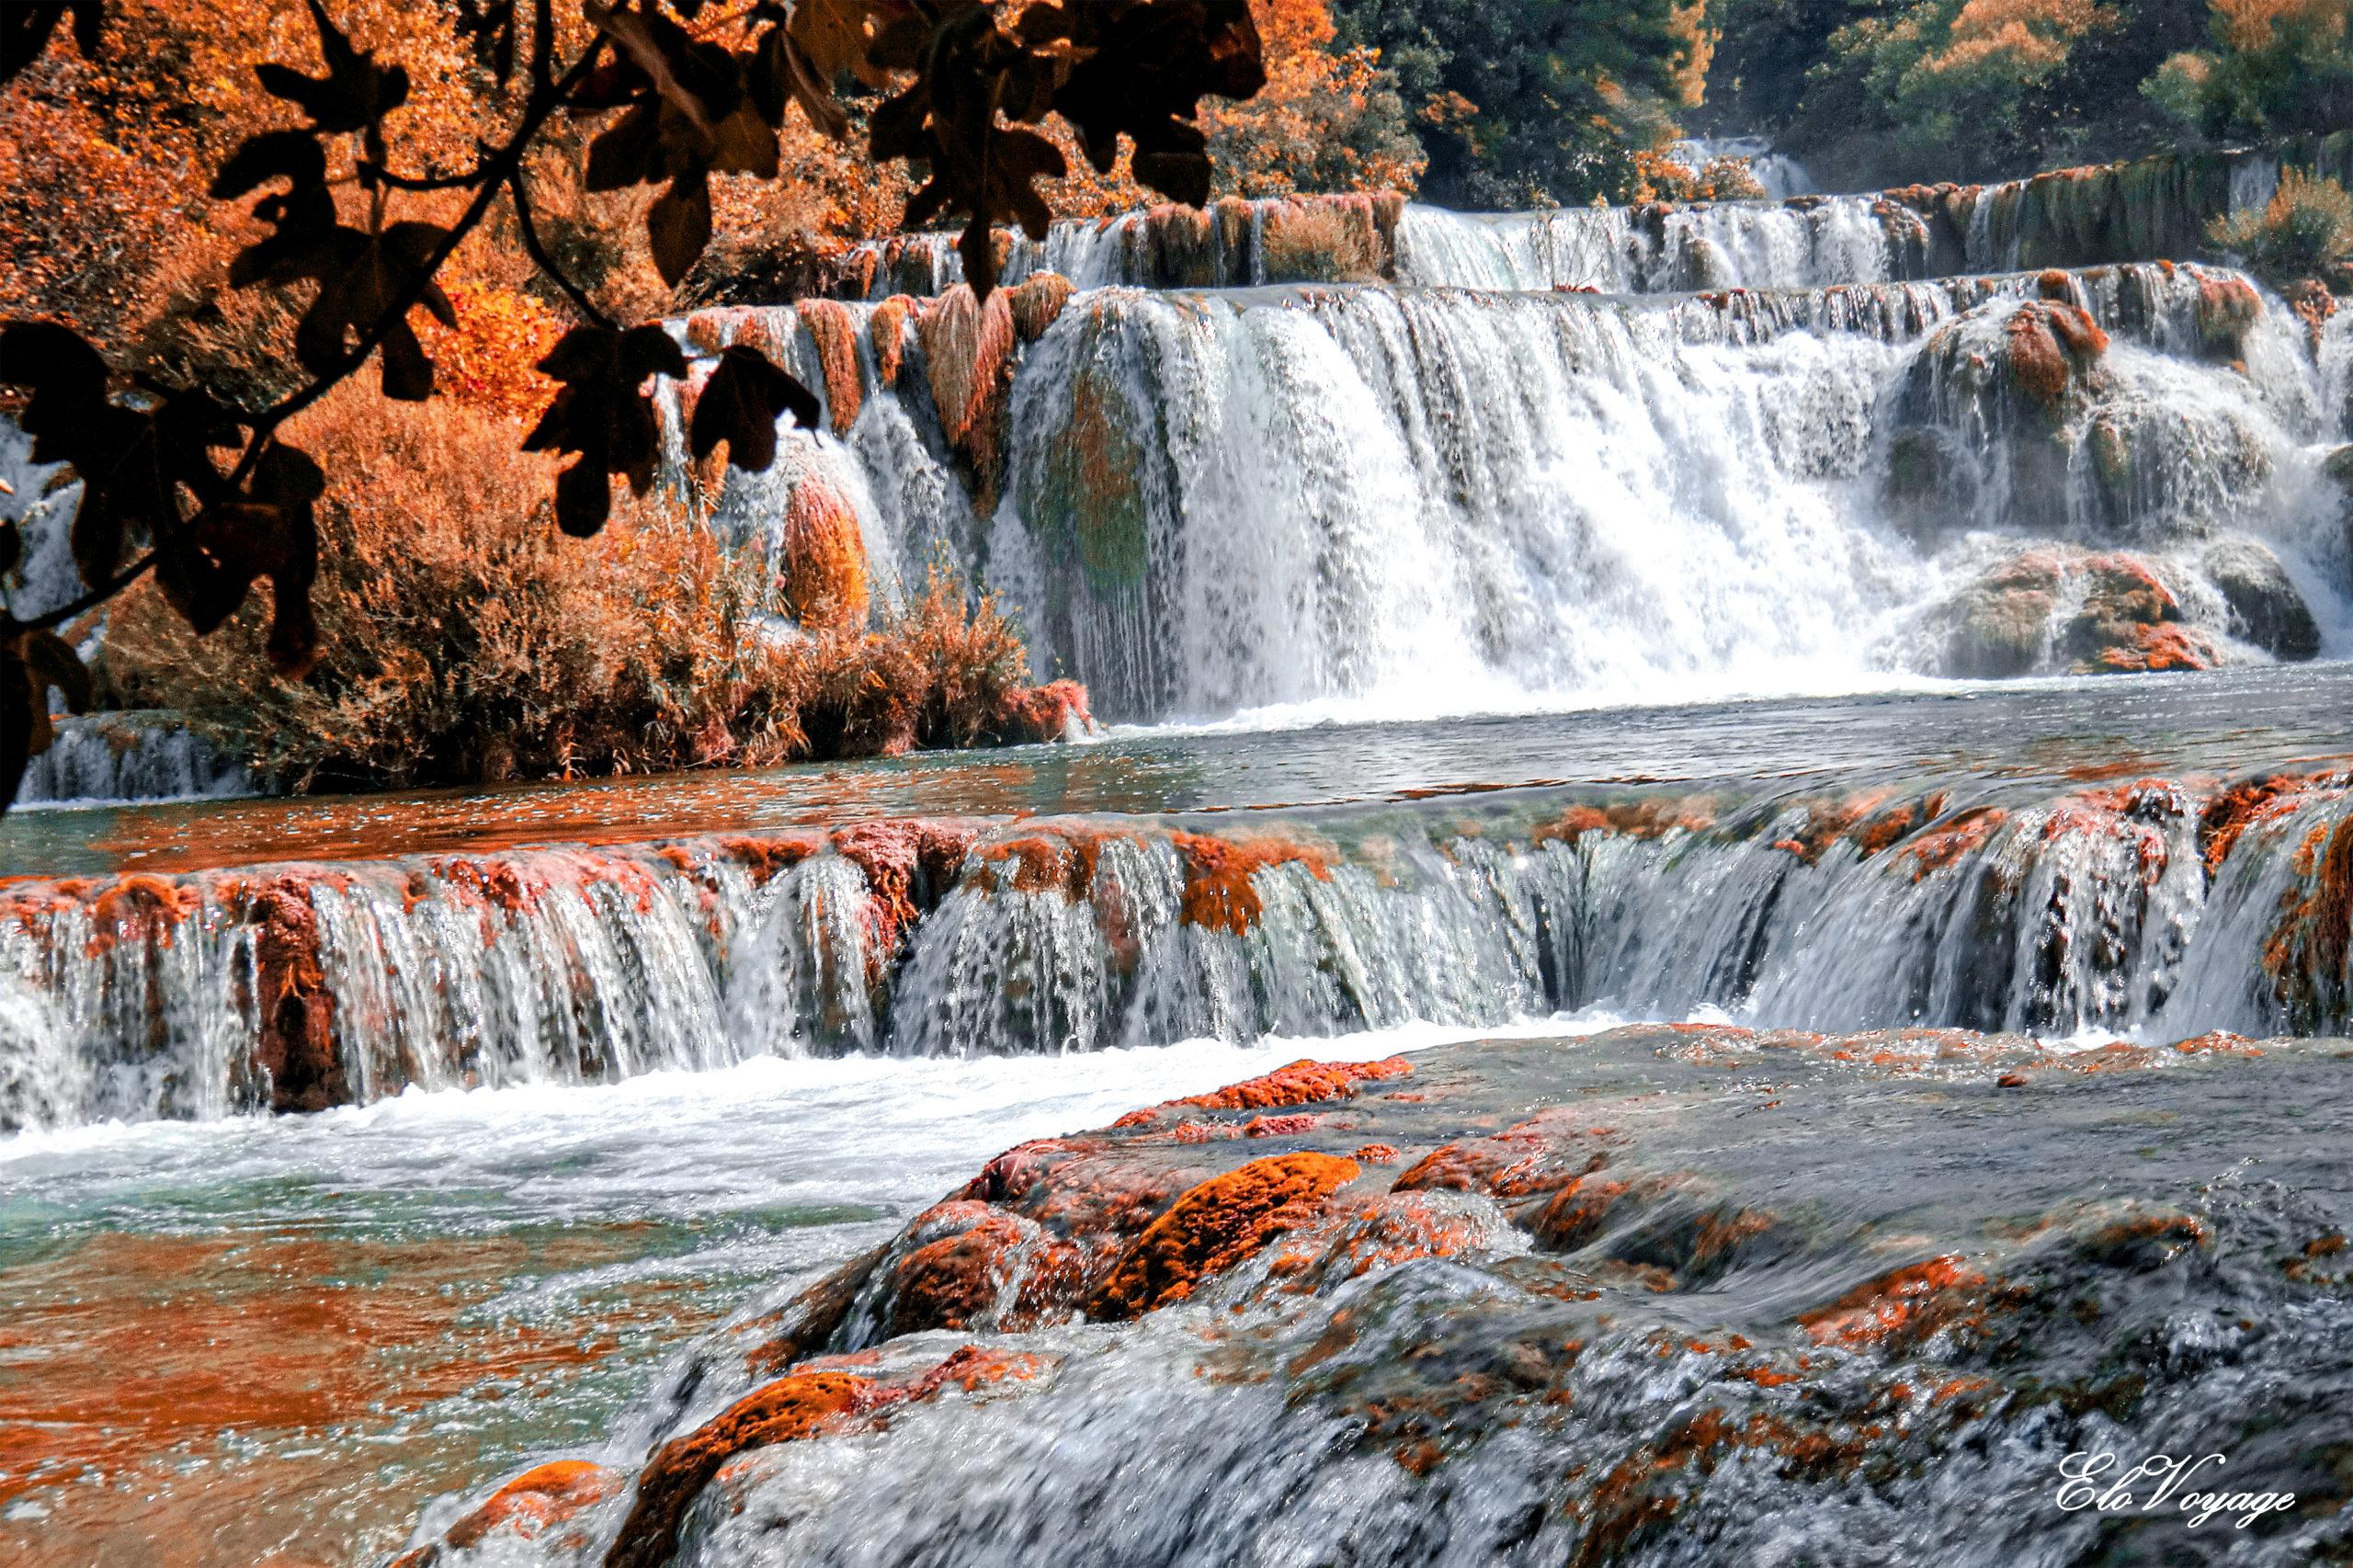 krka croatie chute d'eau